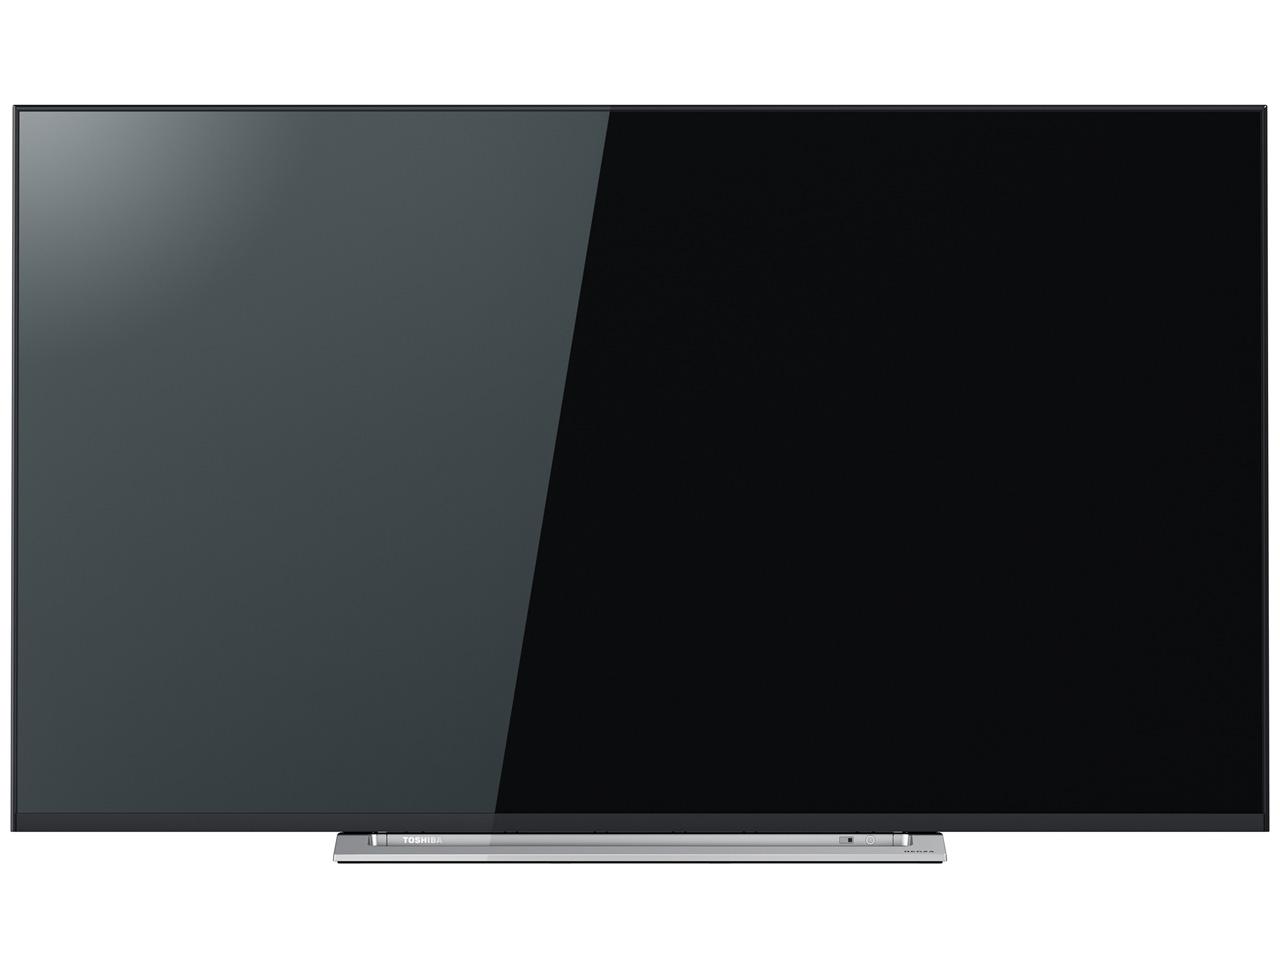 【新品/取寄品】50M520X レグザ 50V型 地上・BS・110度CSデジタルハイビジョン液晶テレビ